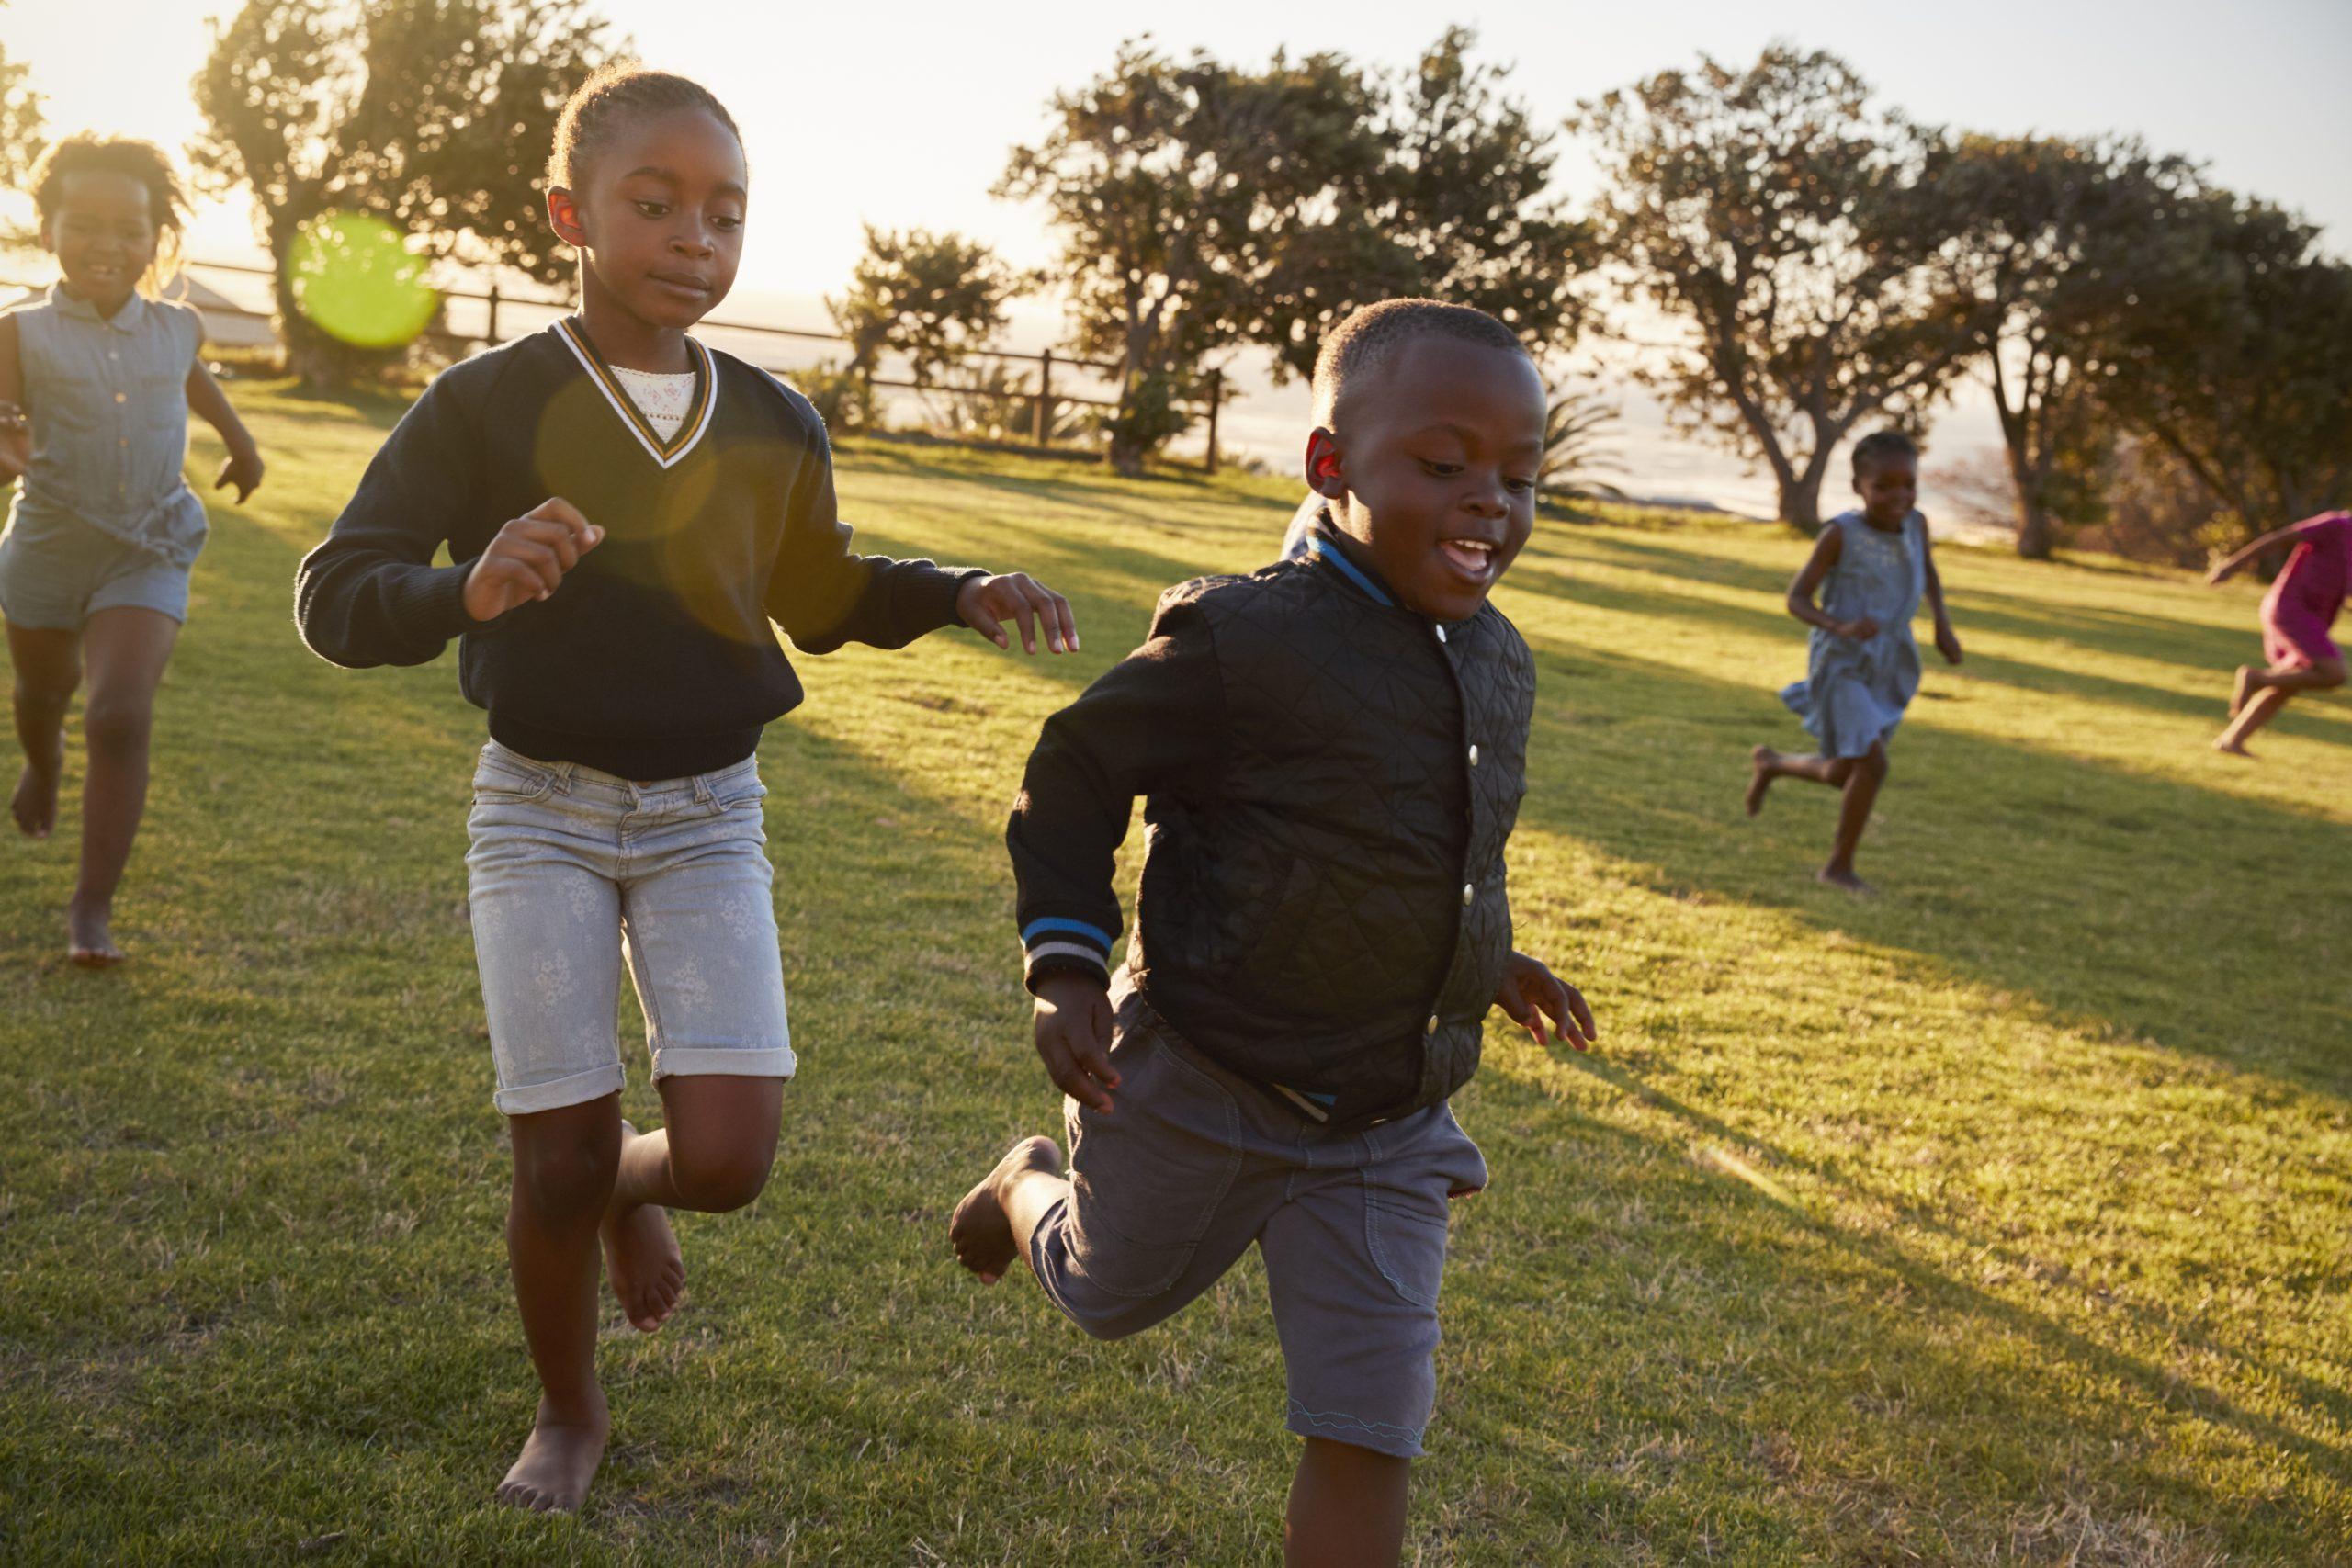 Elementary school kids running to camera in an open field